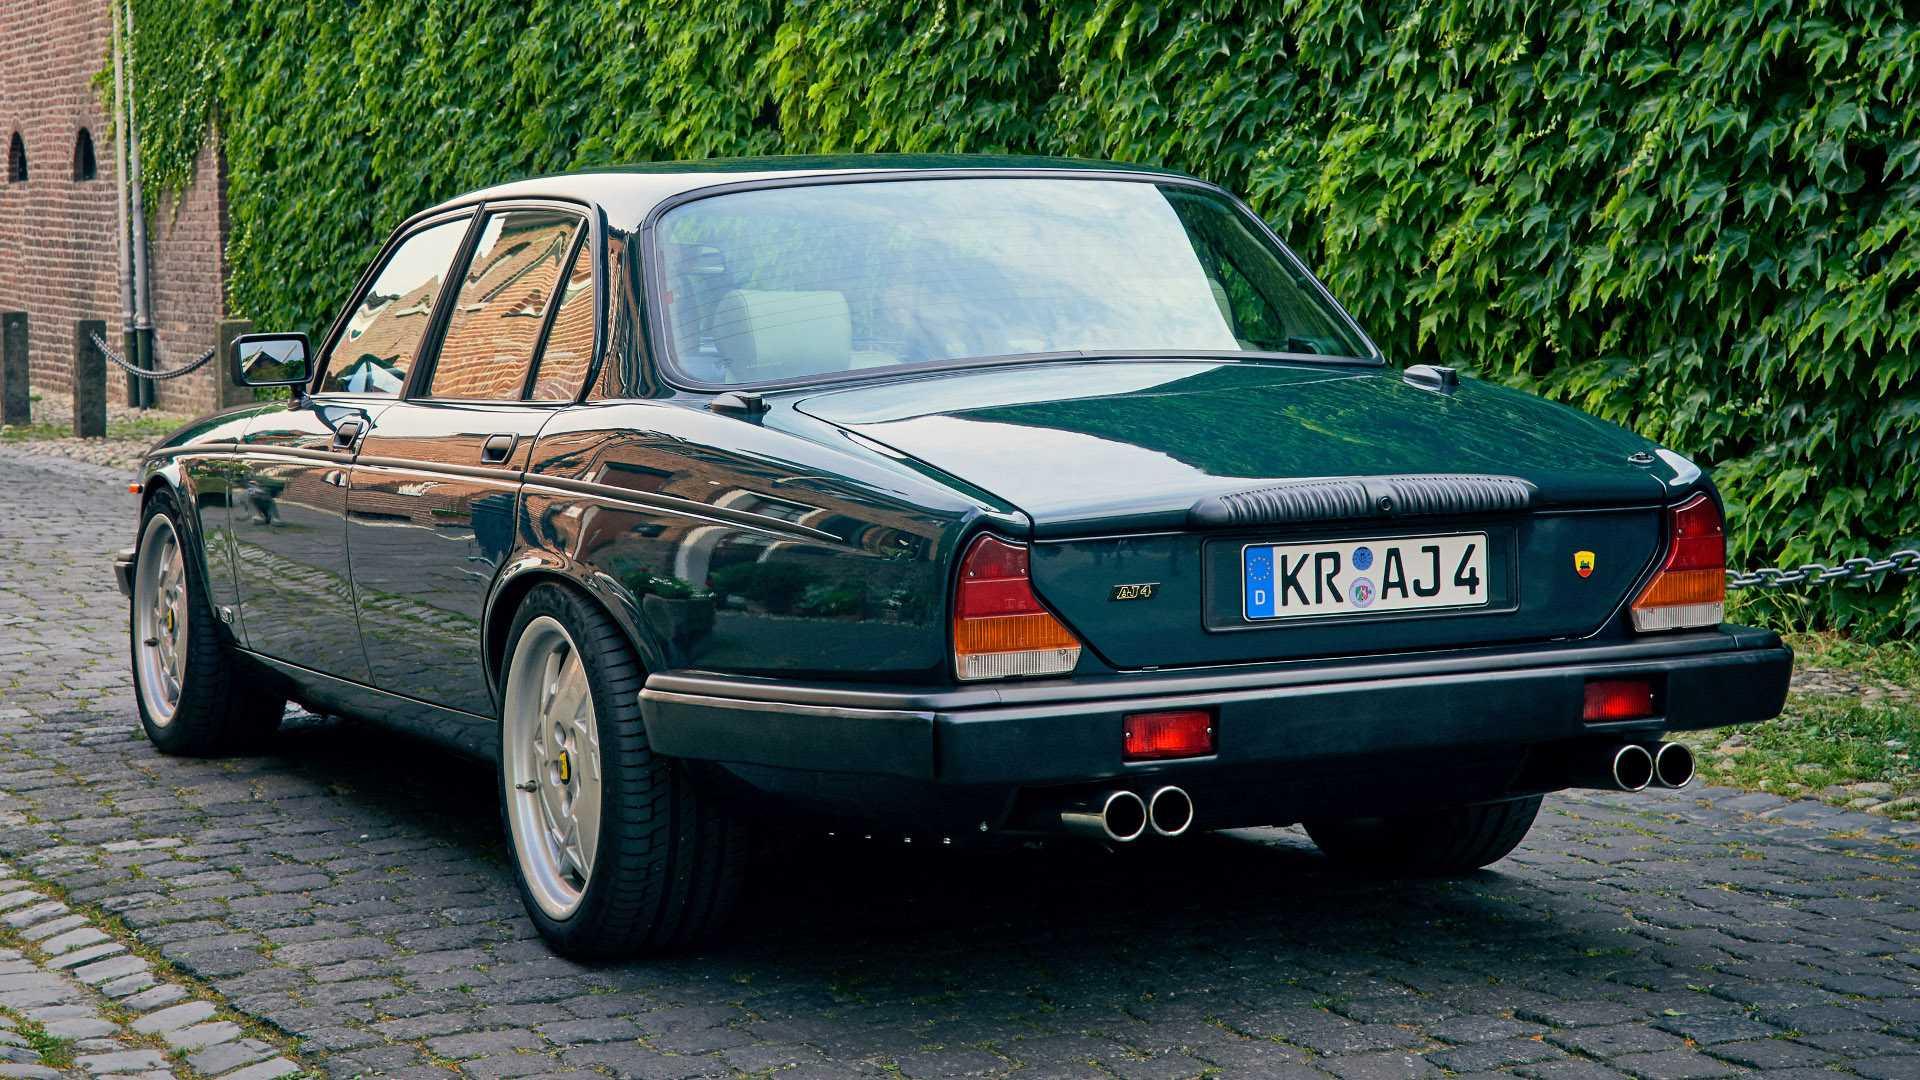 Arden_AJ_4_Jaguar_XJ12_0003